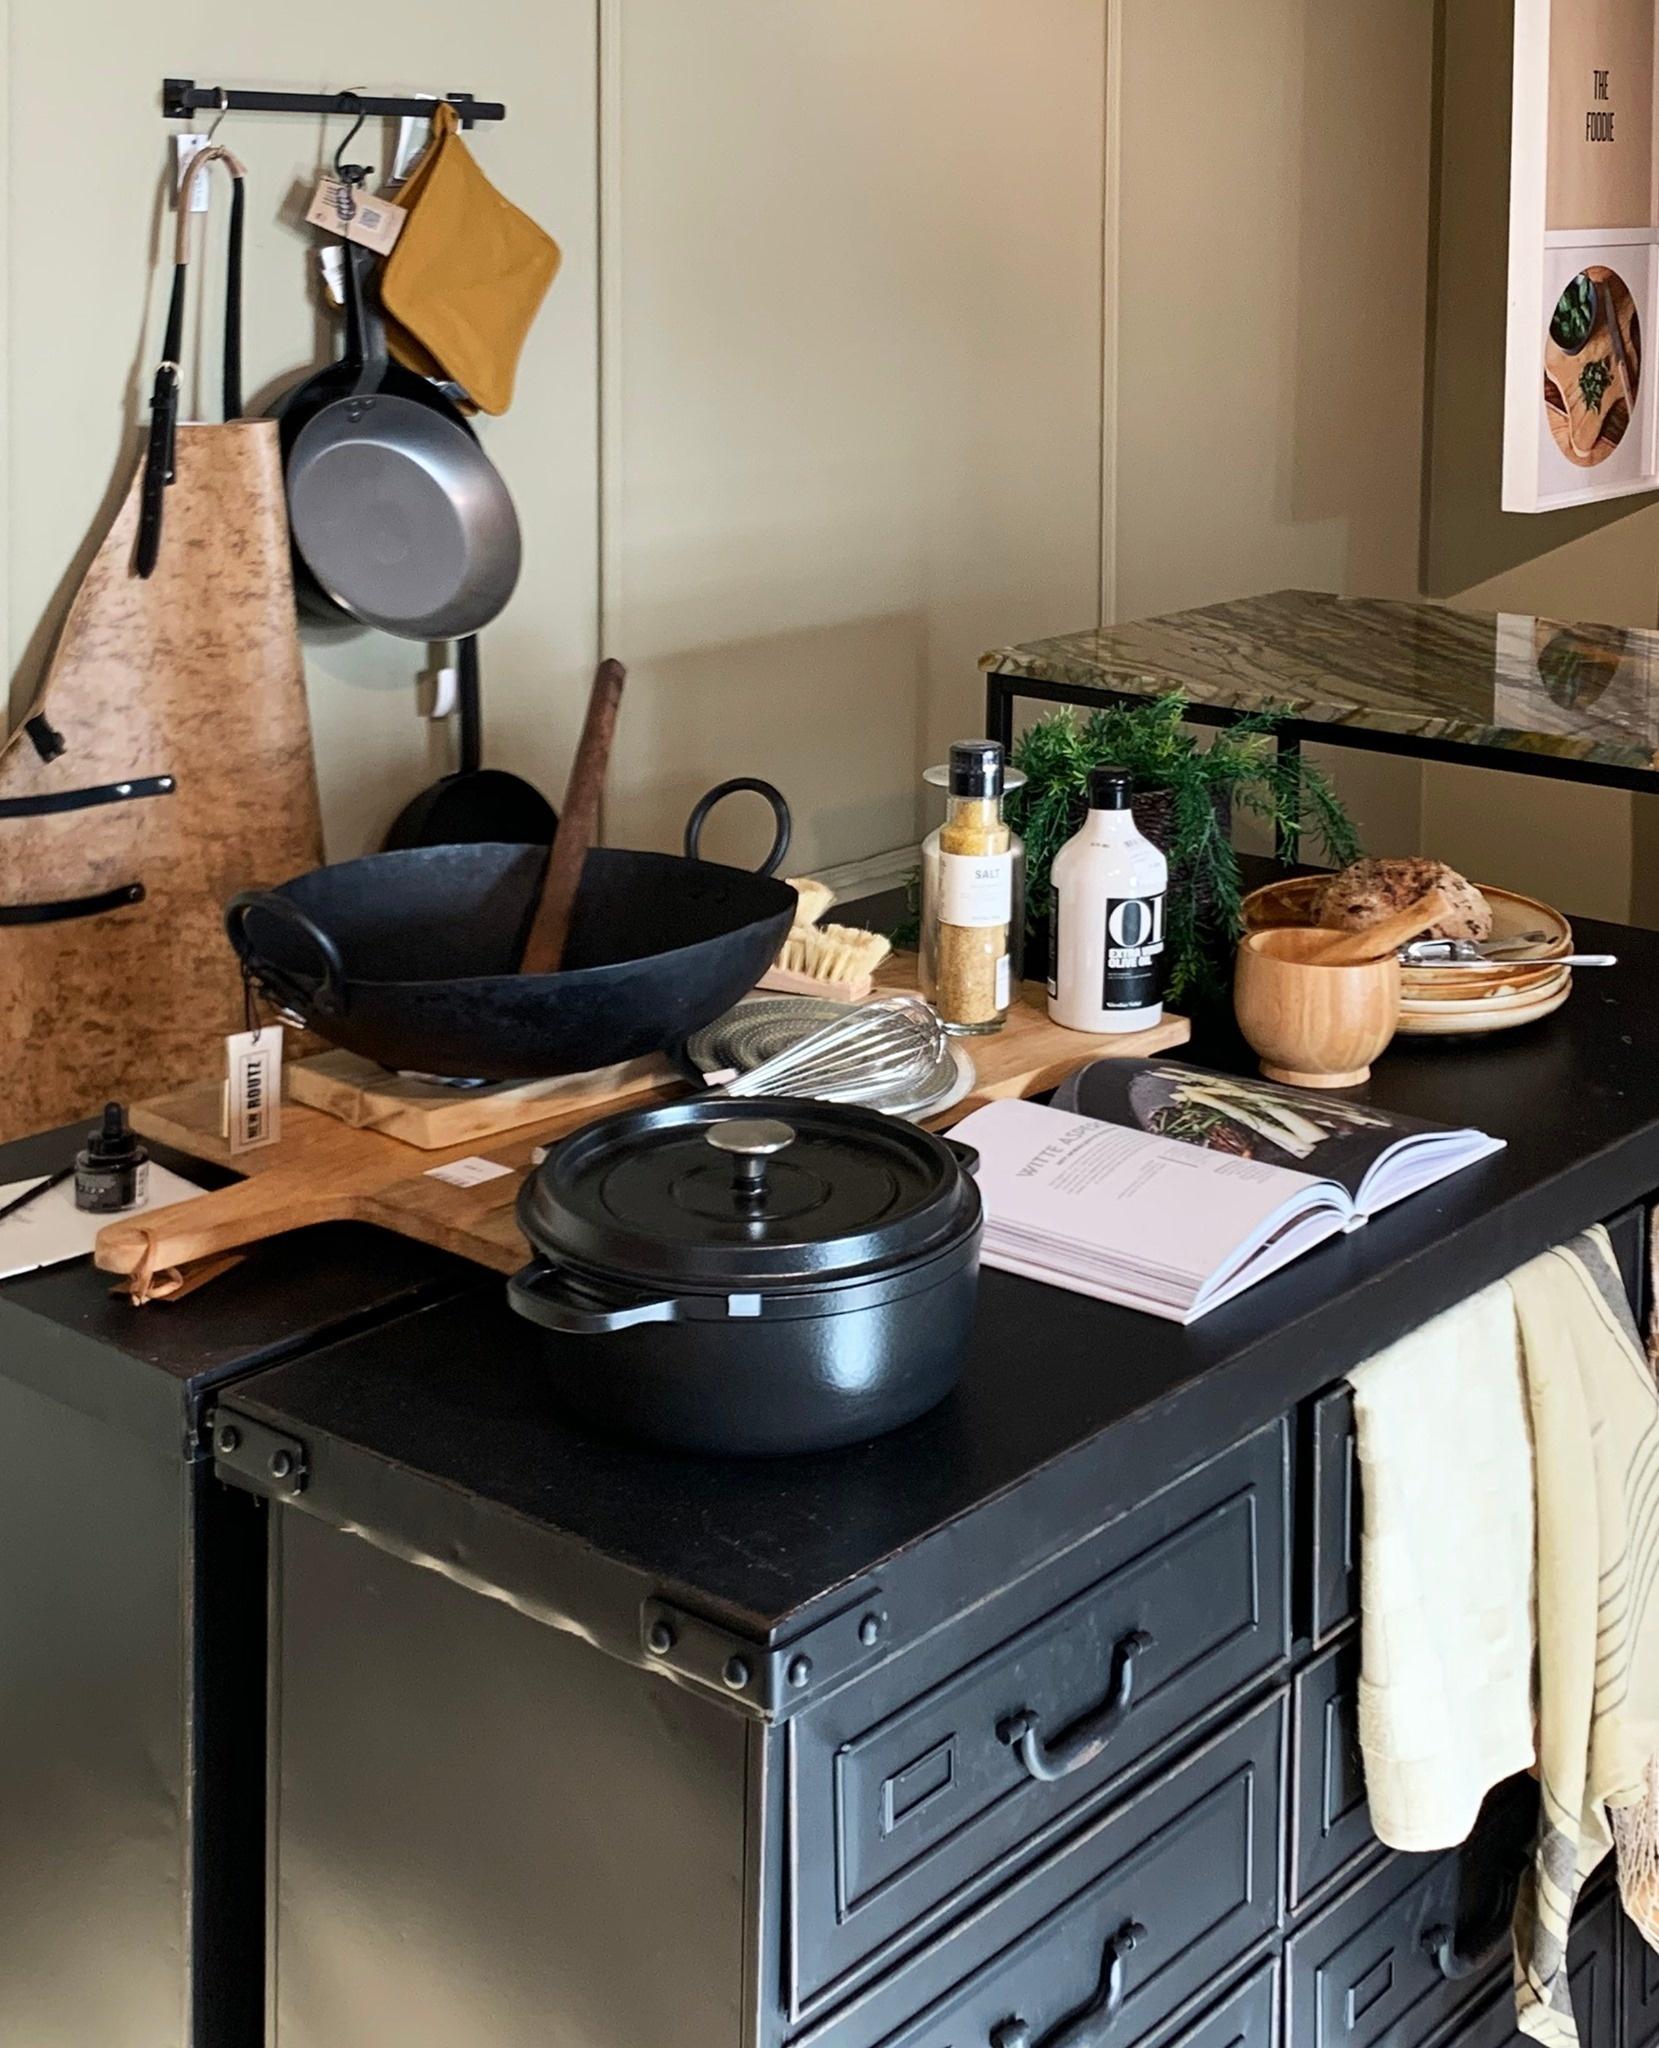 Mehr Pfiff in deiner Küche? Entscheide dich für einen coolen industriellen Stil.